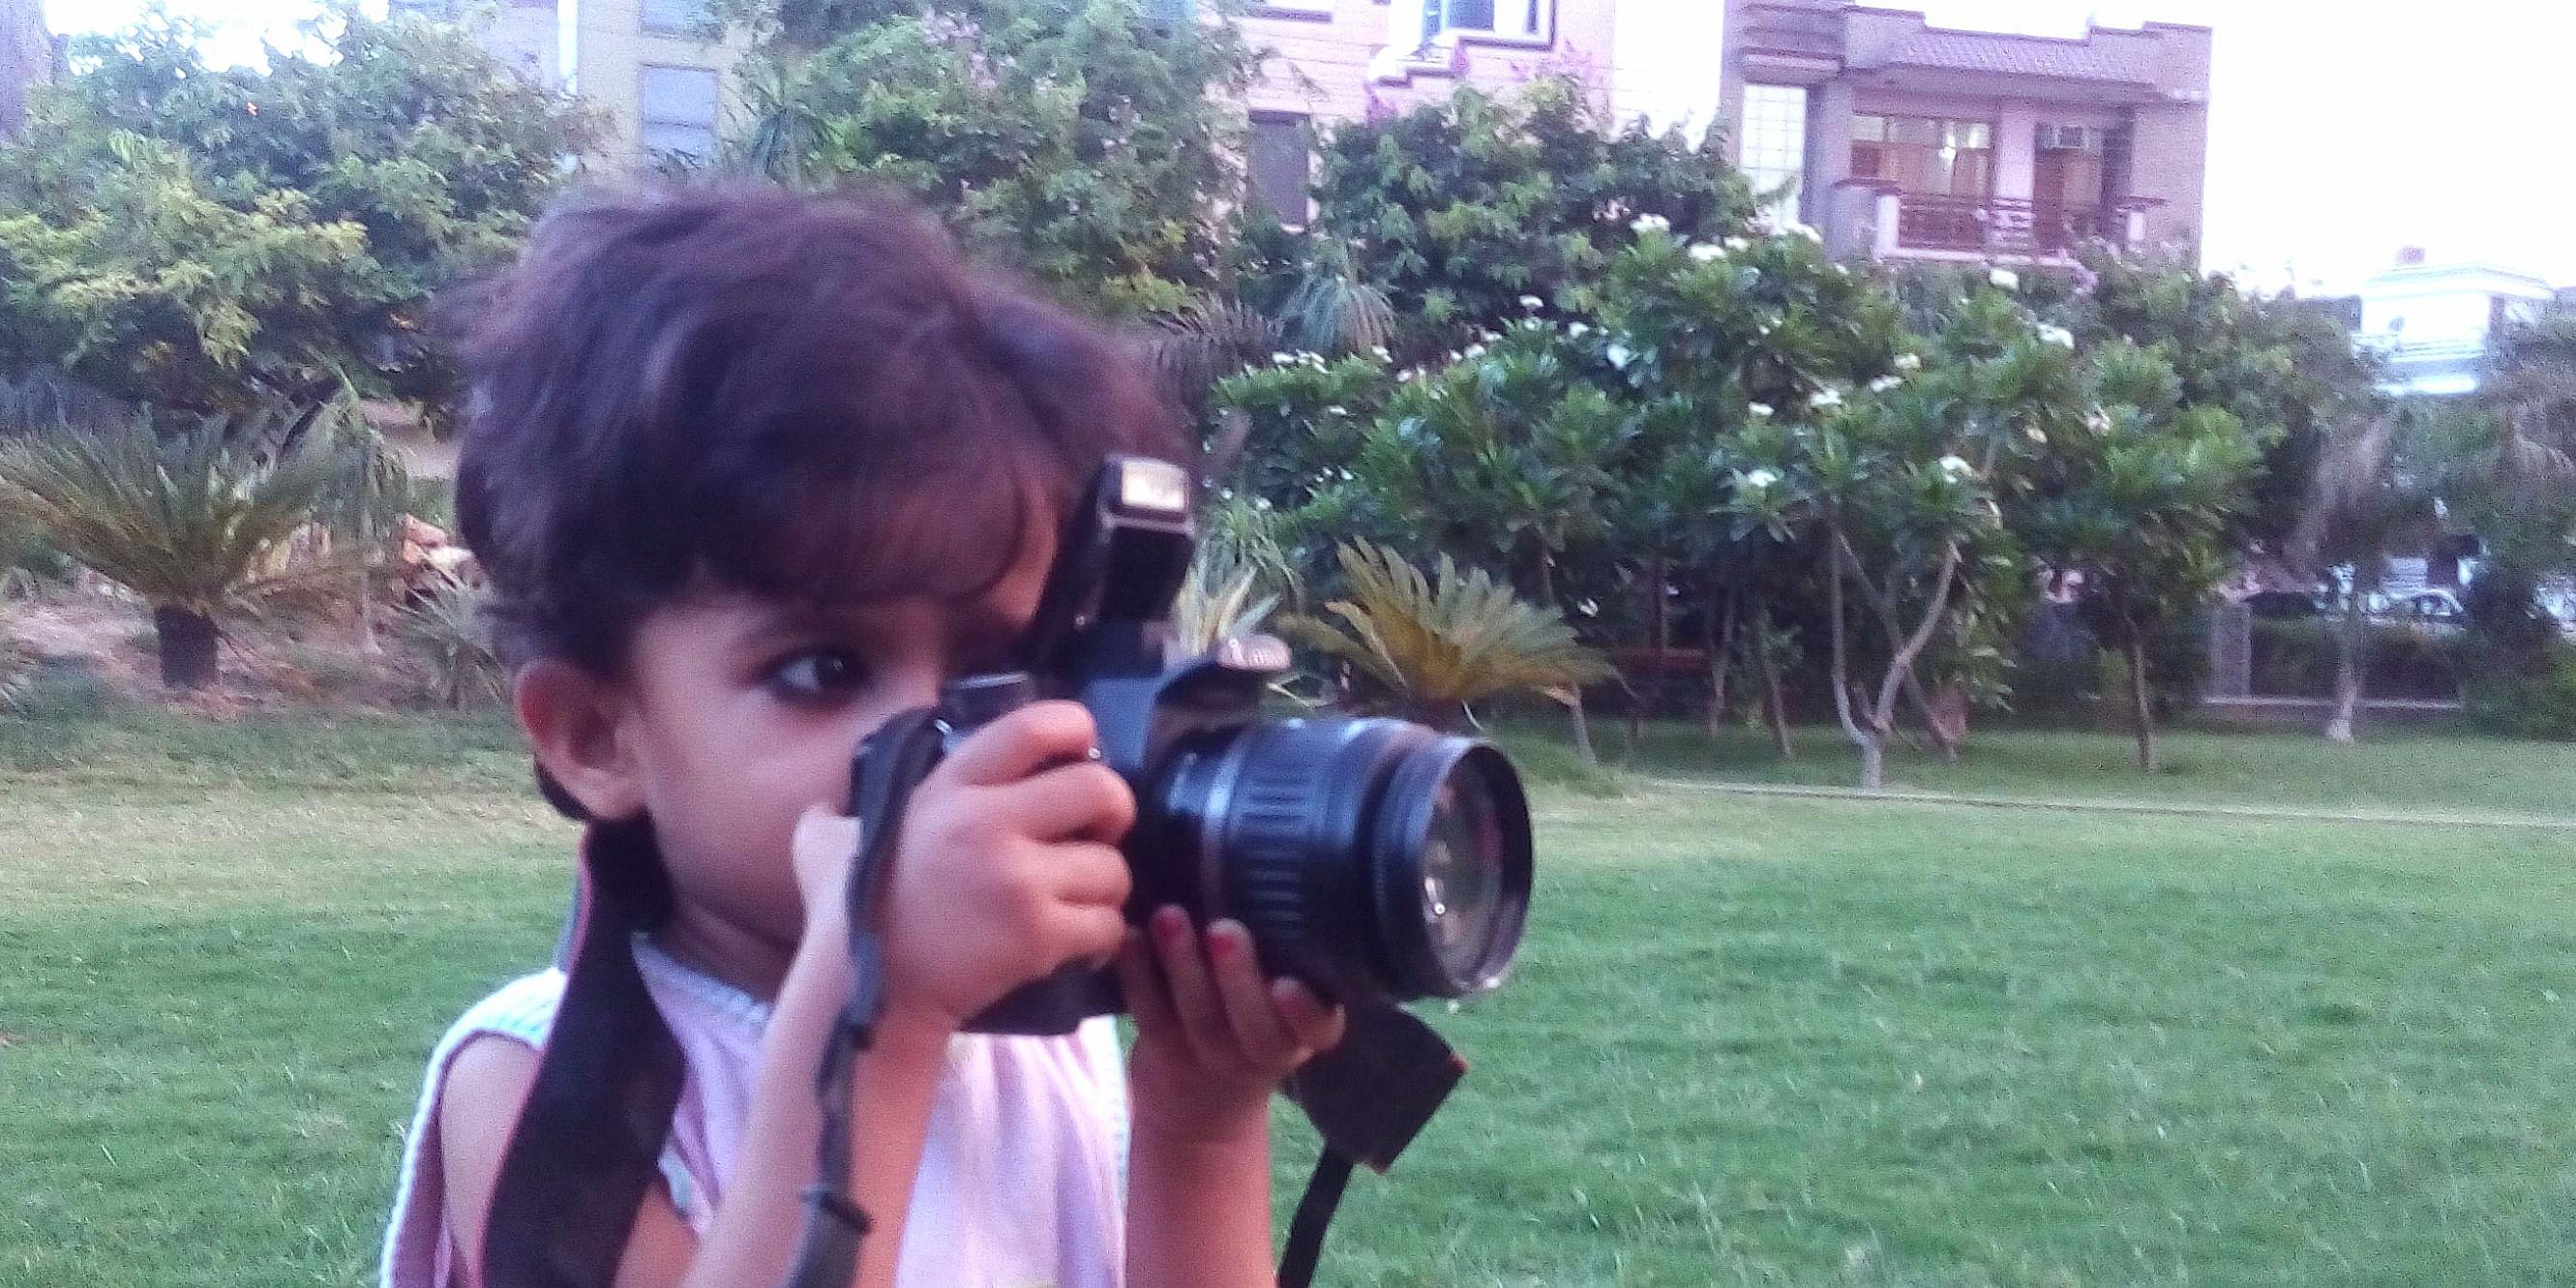 Nainika Clicking with DSLR Camera